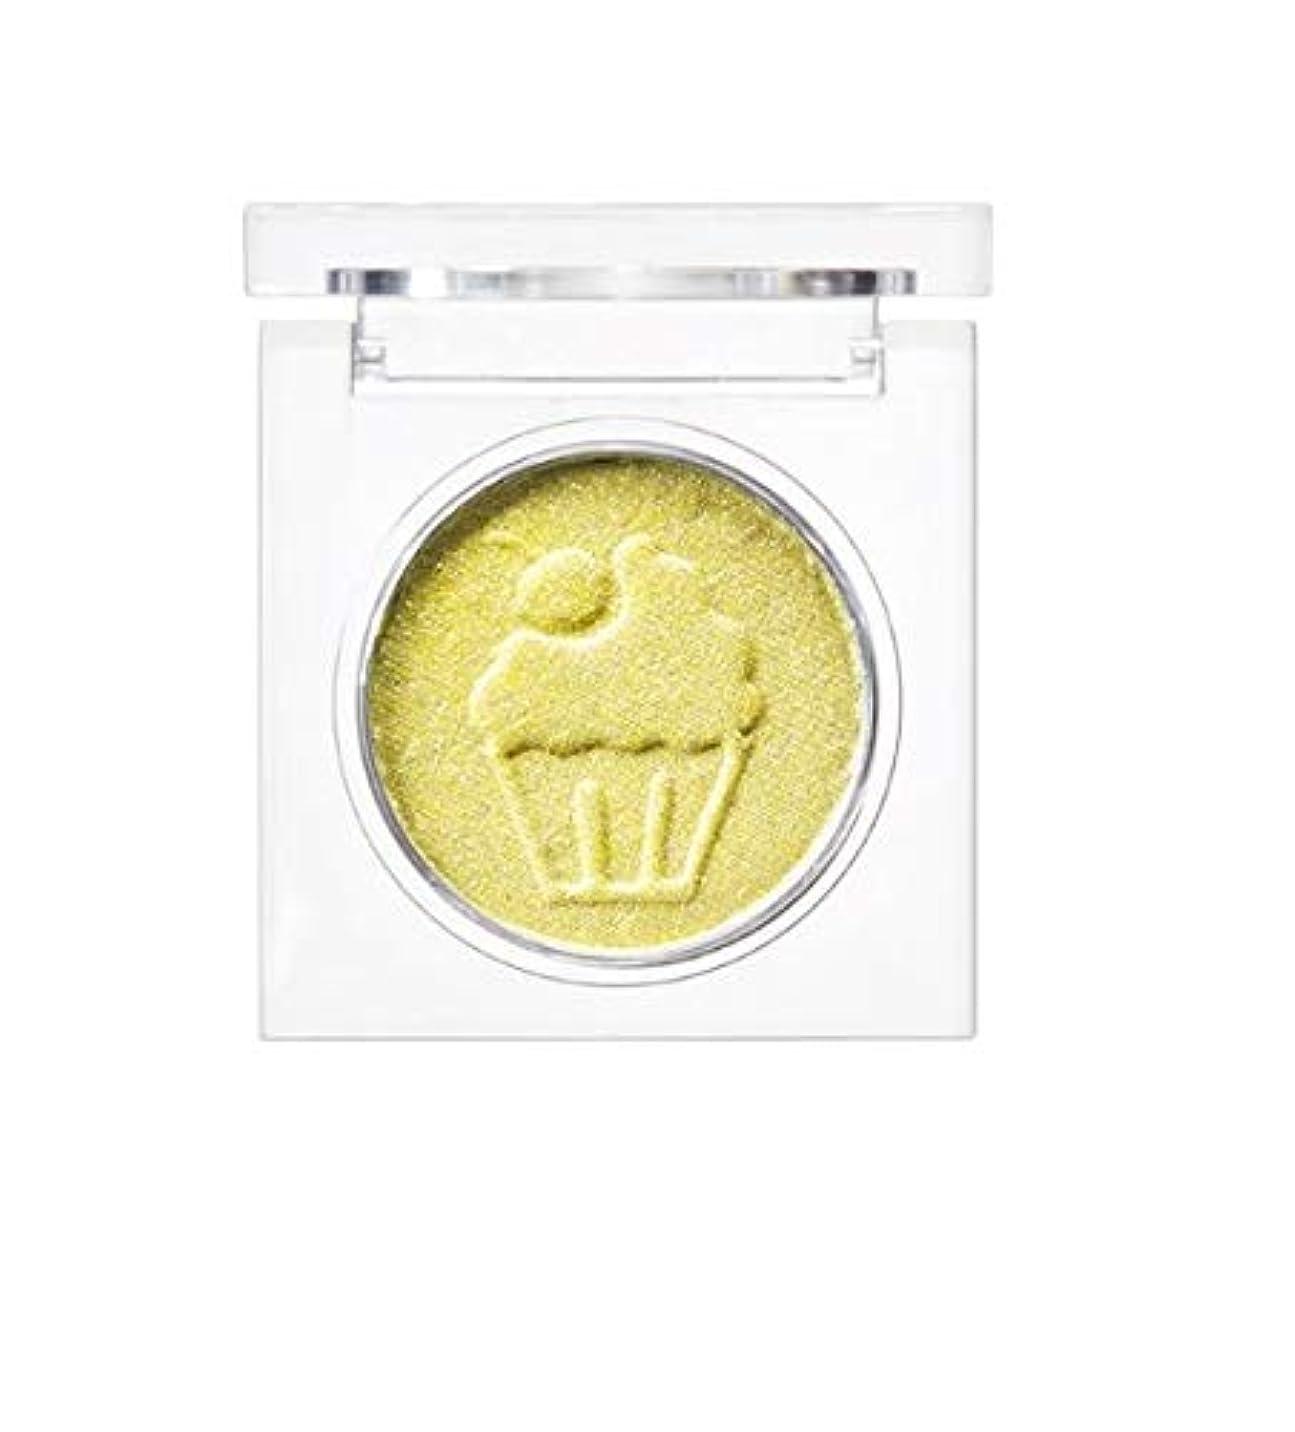 内側テメリティお父さんSkinfood 私のデザートパーティーアイシャドウ#G02ライムプリン / My Dessert Party Eyeshadow #G02 Lime Pudding [並行輸入品]